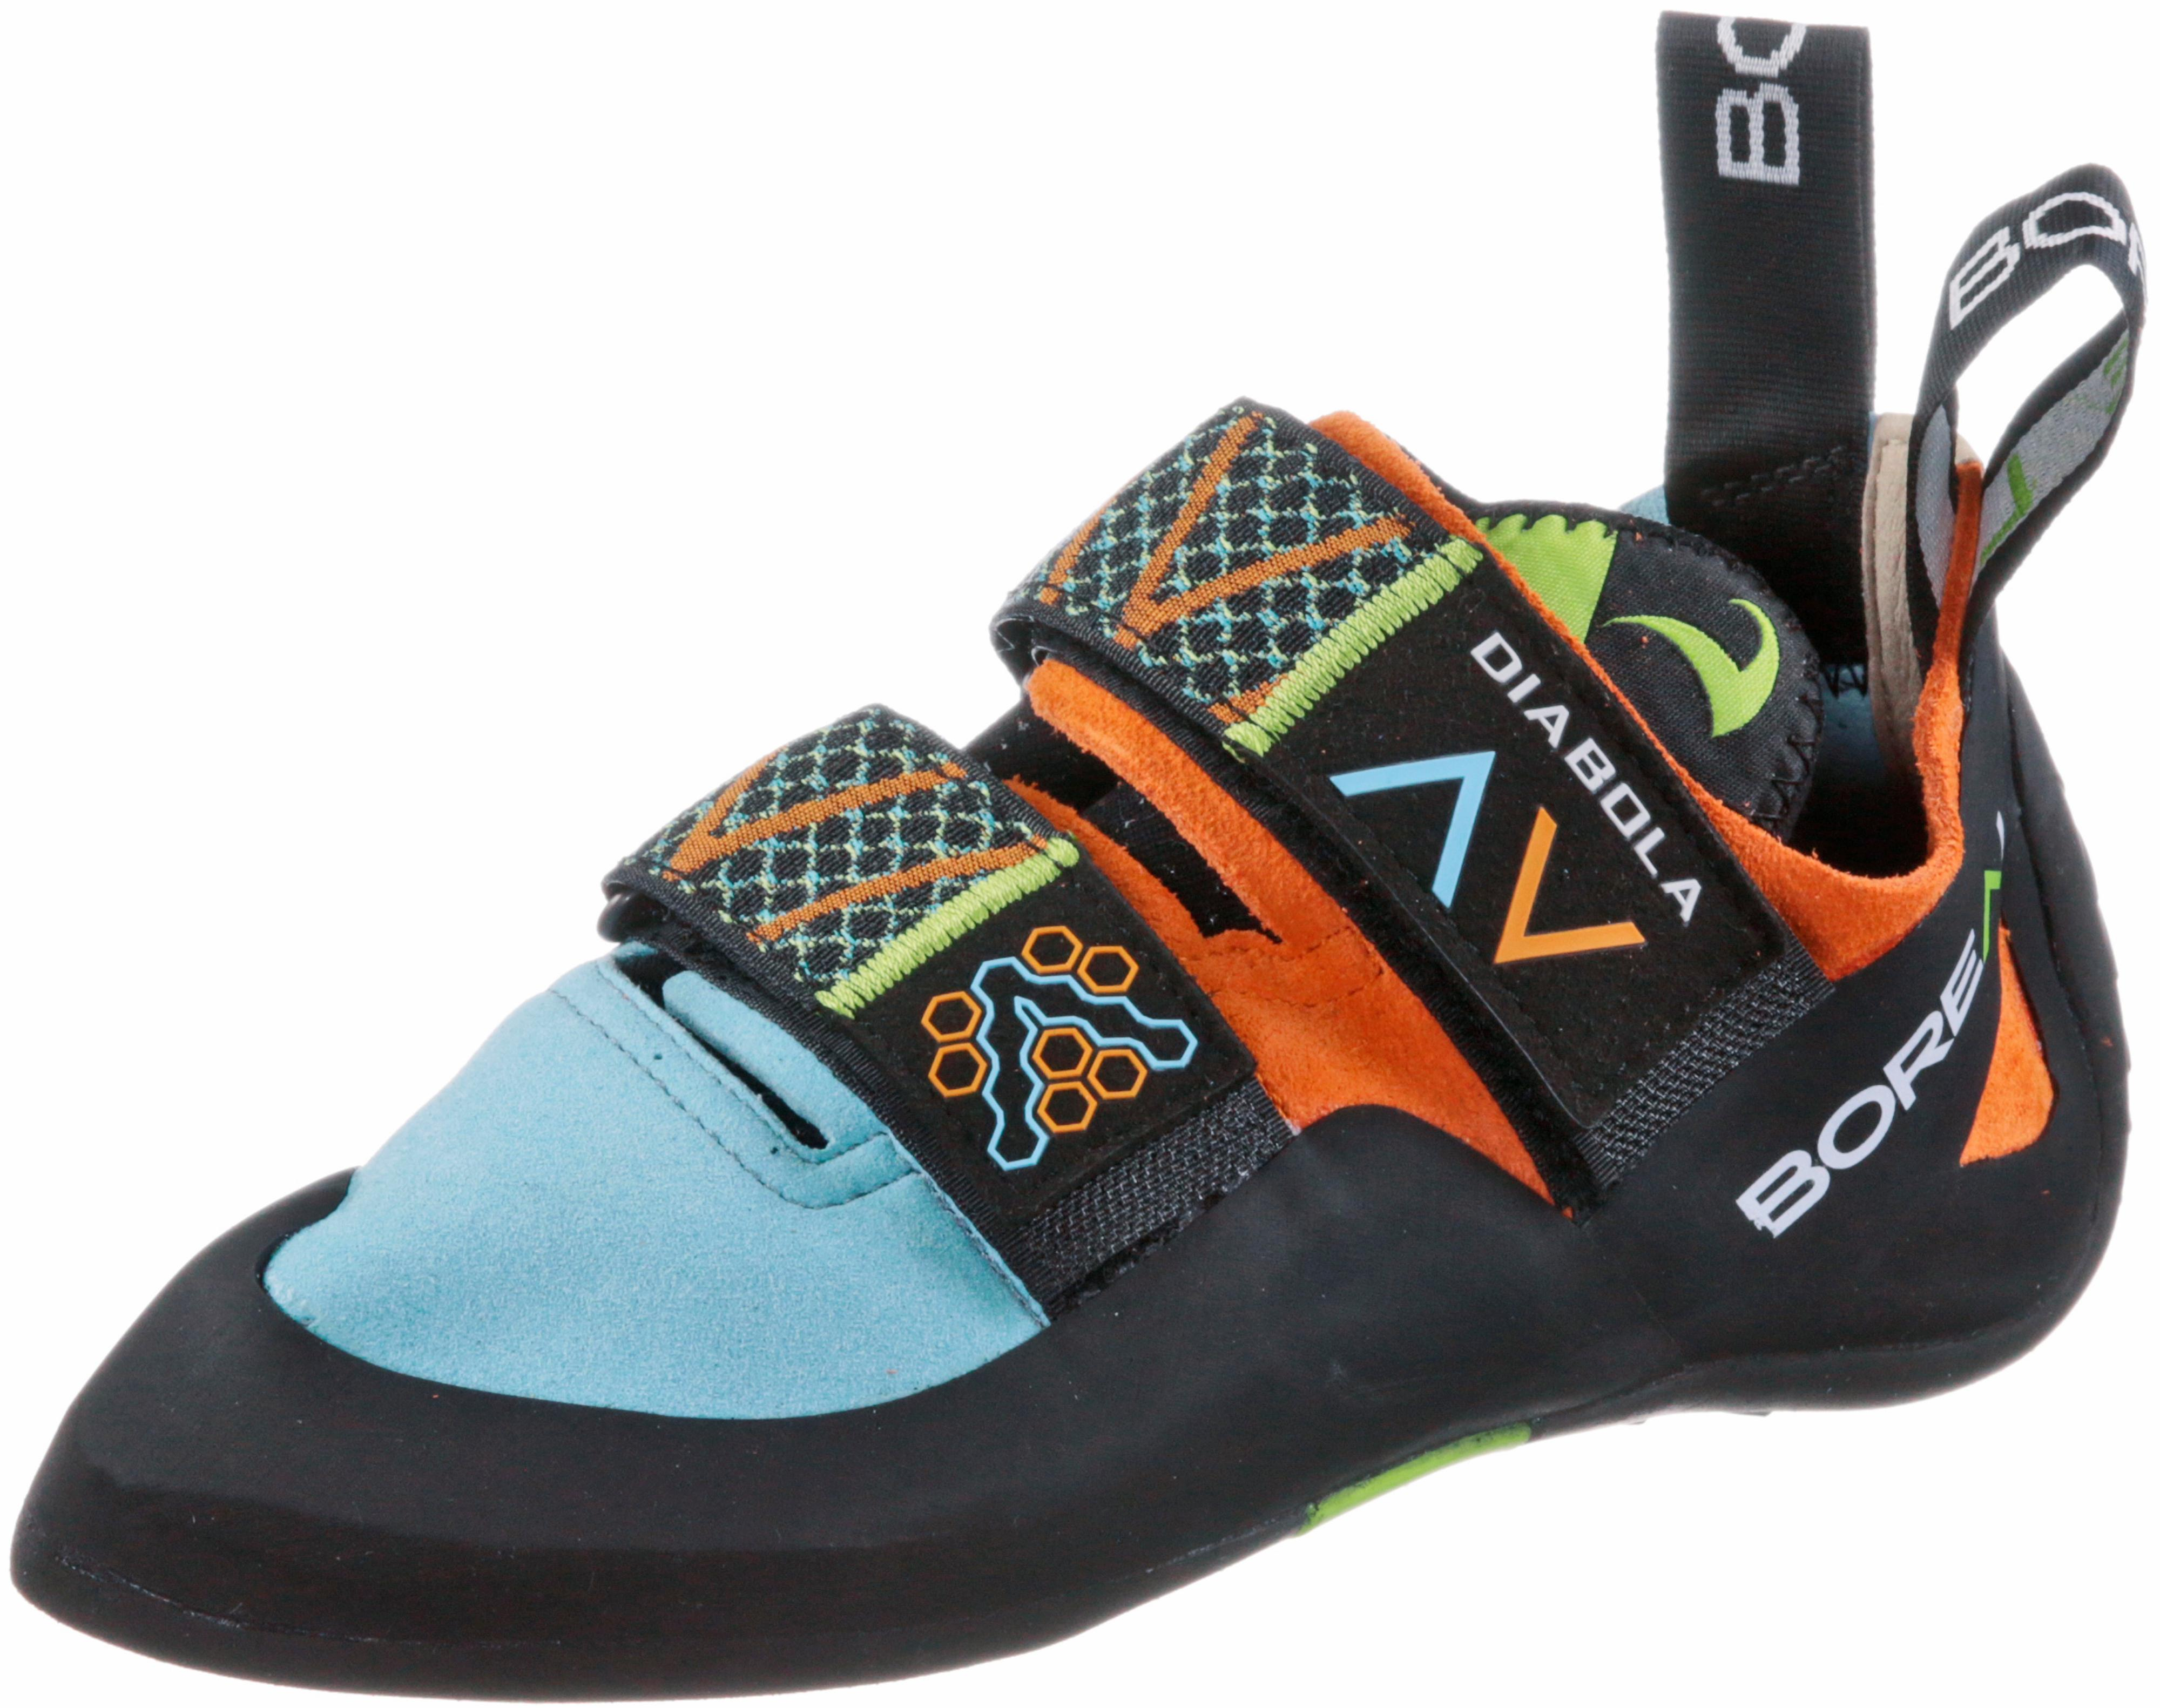 BOREAL Diabola Kletterschuhe Damen im hellblau Orange im Damen Online Shop von SportScheck kaufen Gute Qualität beliebte Schuhe 5da961